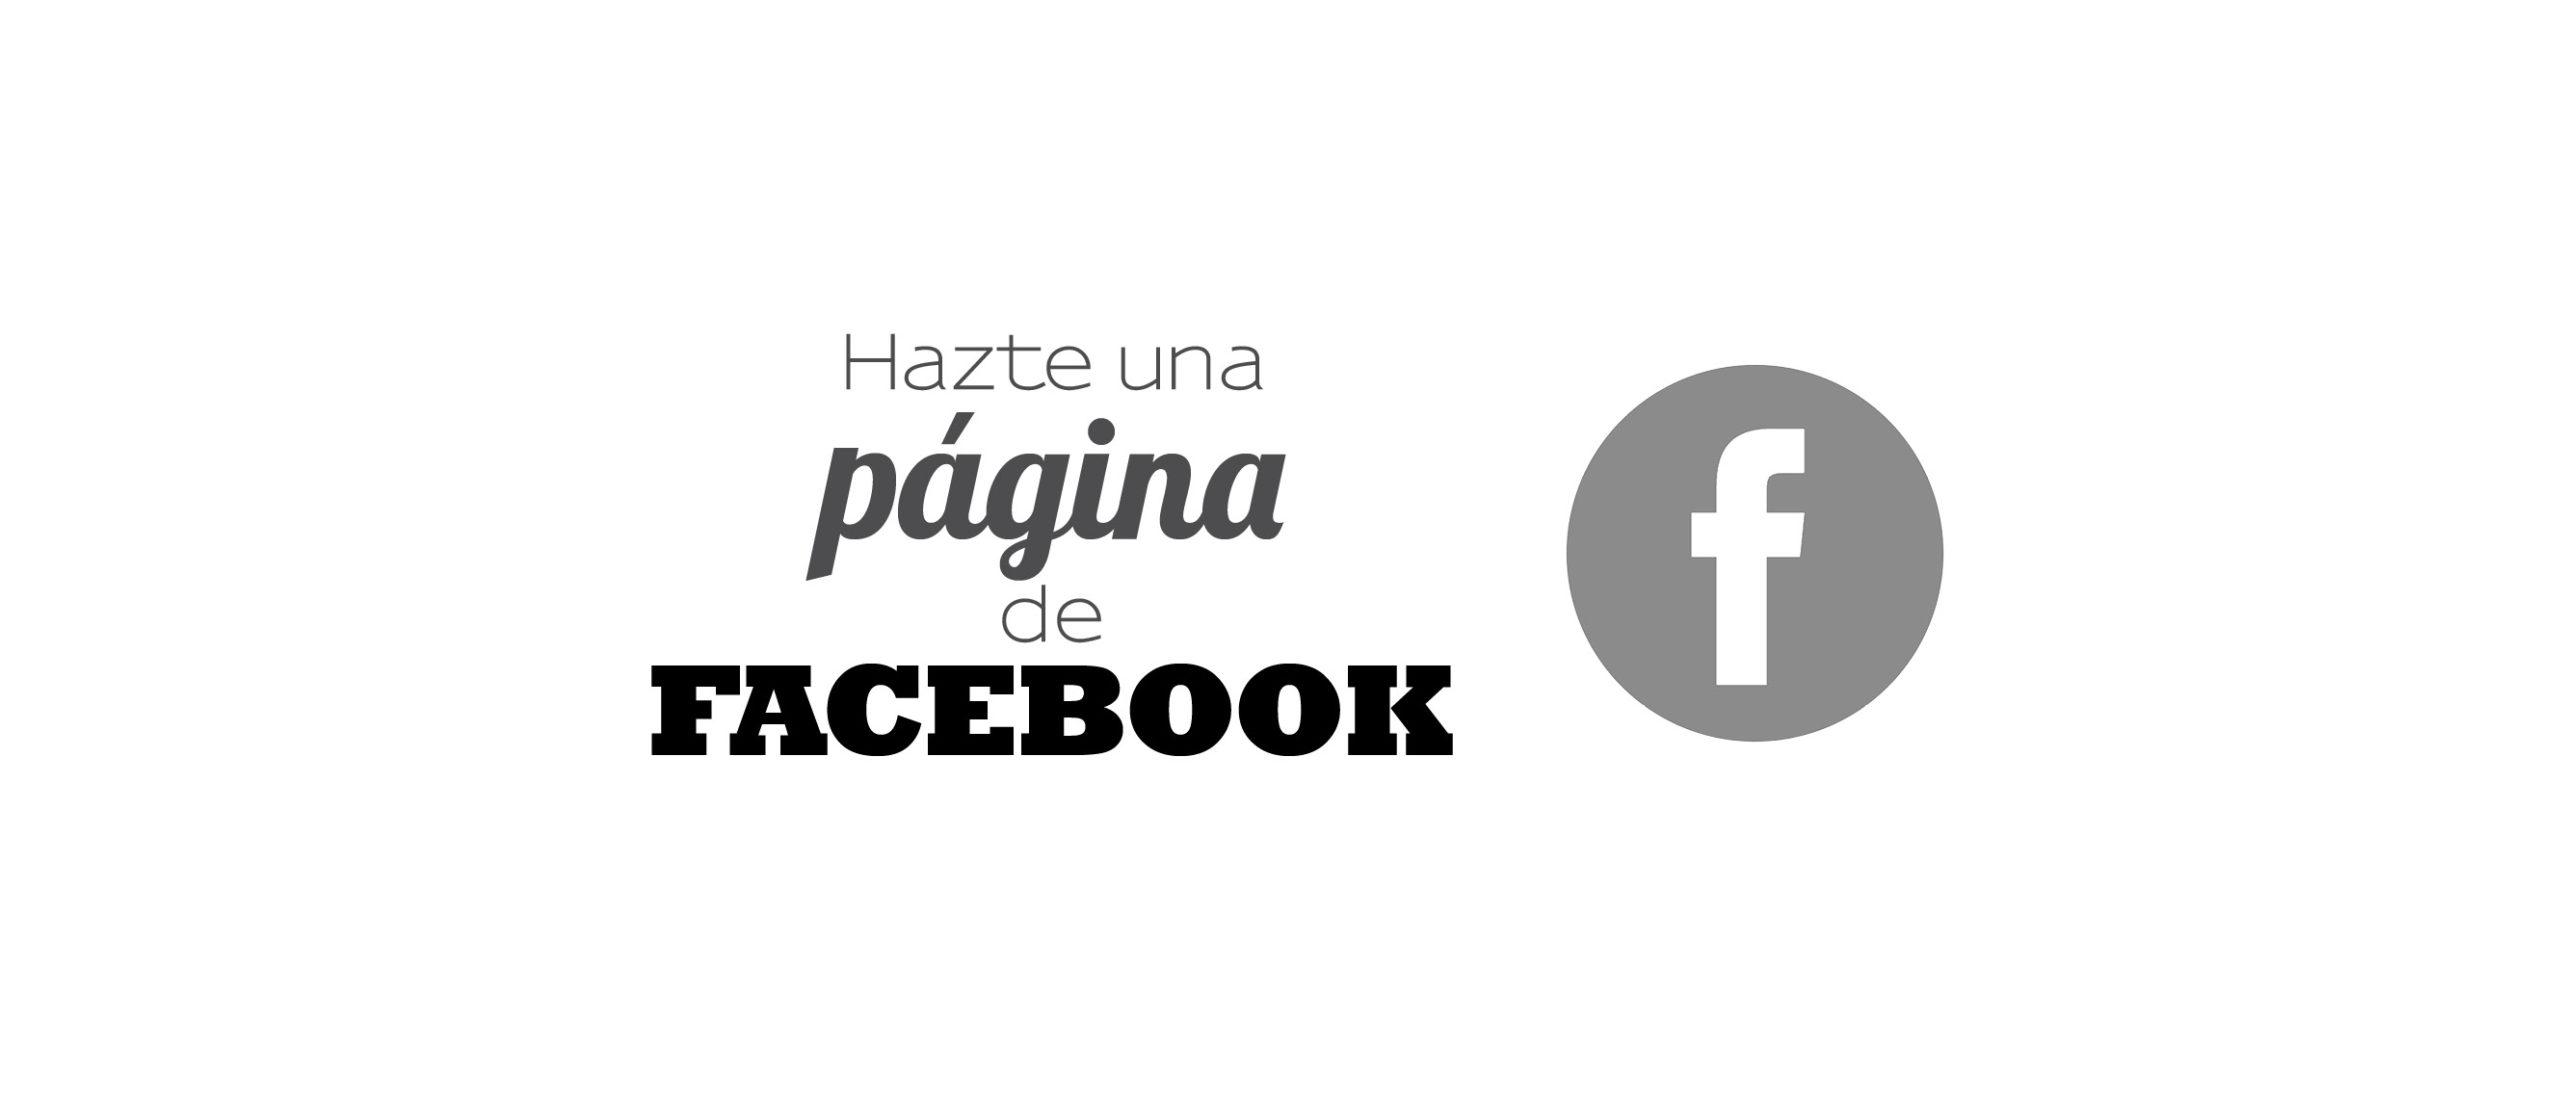 Hazte una pagina de Facebook